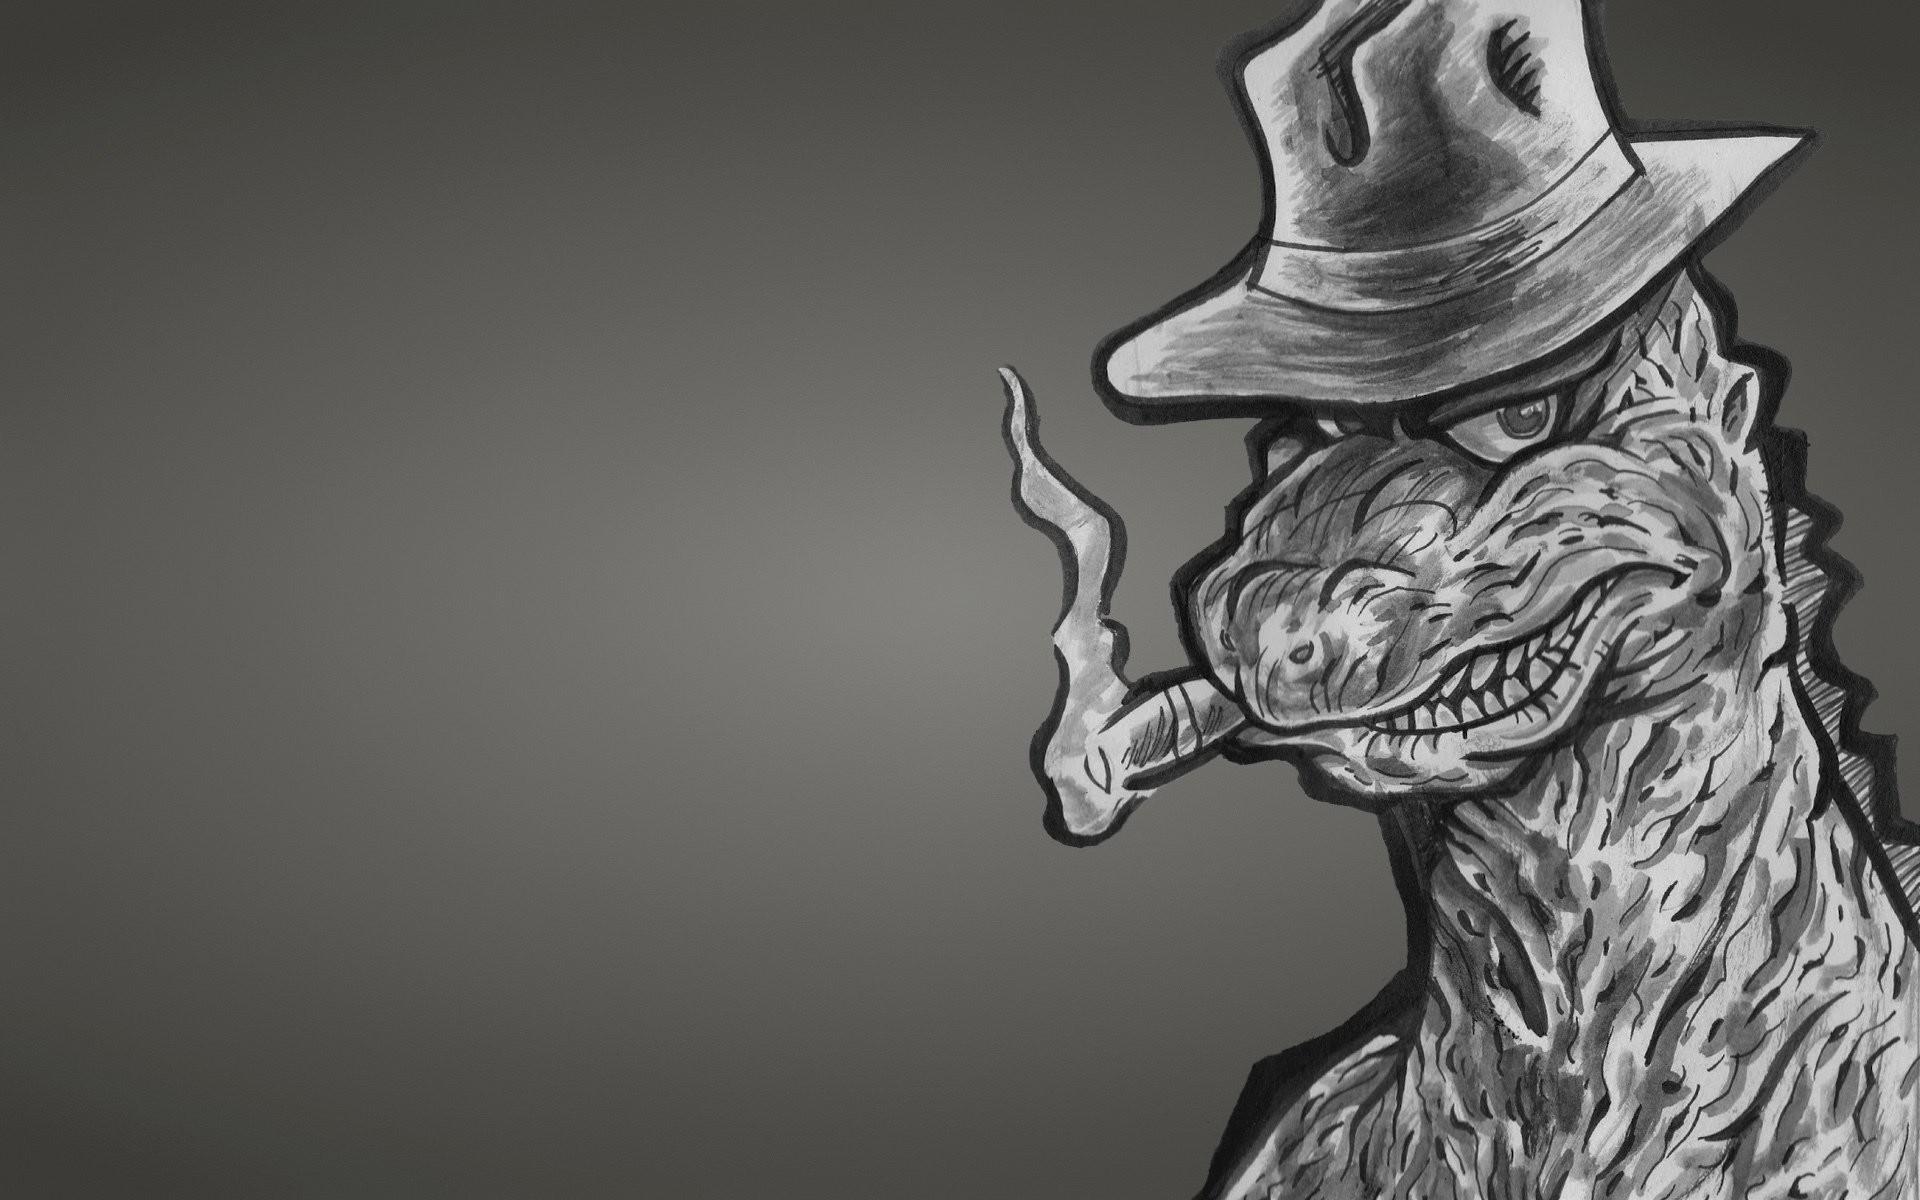 godzilla dinosaur godzilla monster dinozaur dusky background hat cigar a  gangster